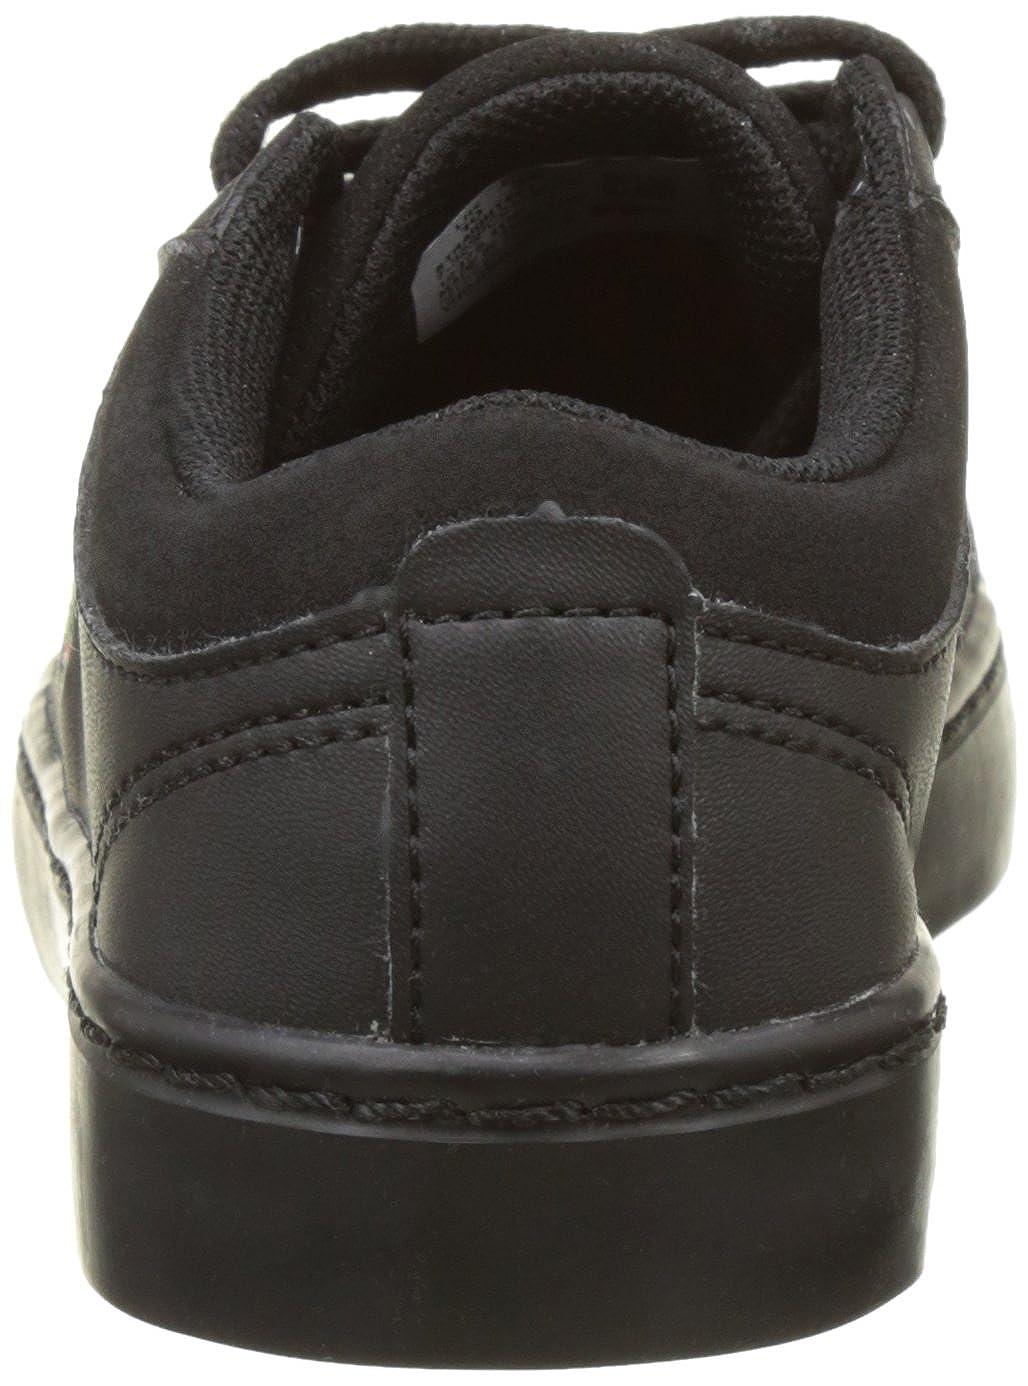 3081c435d Lacoste Unisex Kids  Straightset Bl 1 Spc Blk Bass Trainers  Amazon.co.uk   Shoes   Bags